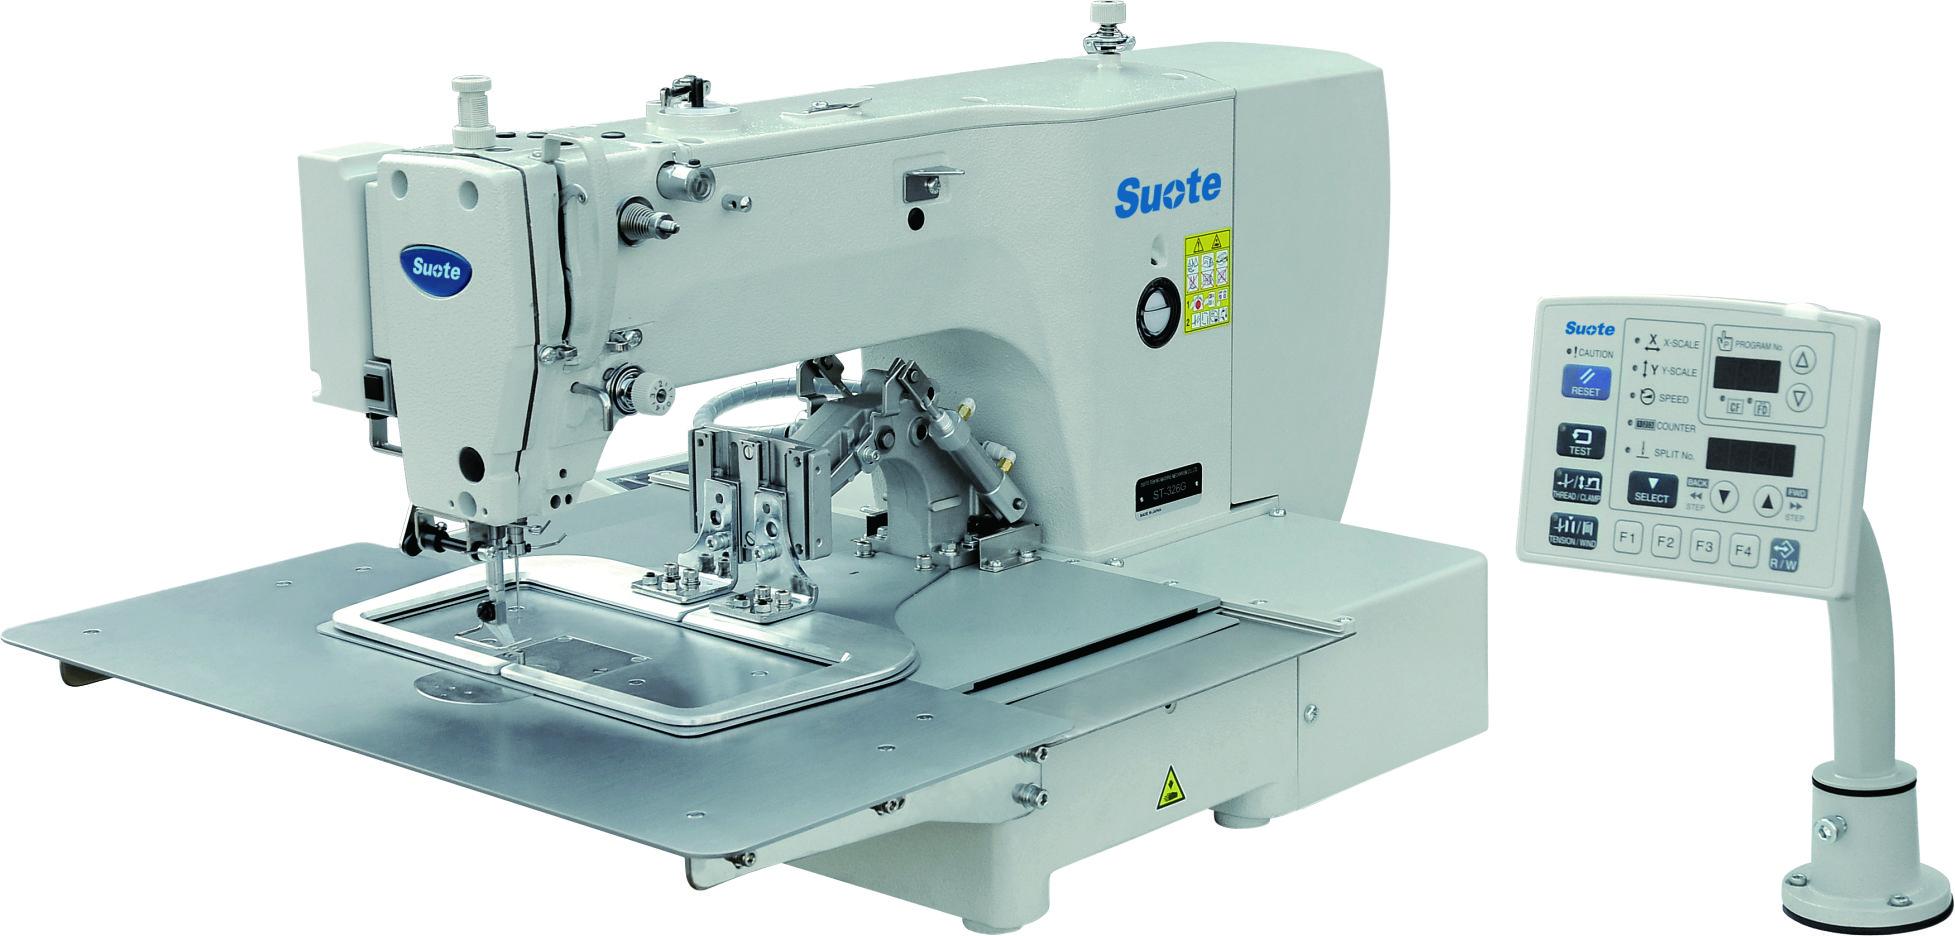 Comment choisir une machine à coudre industrielle